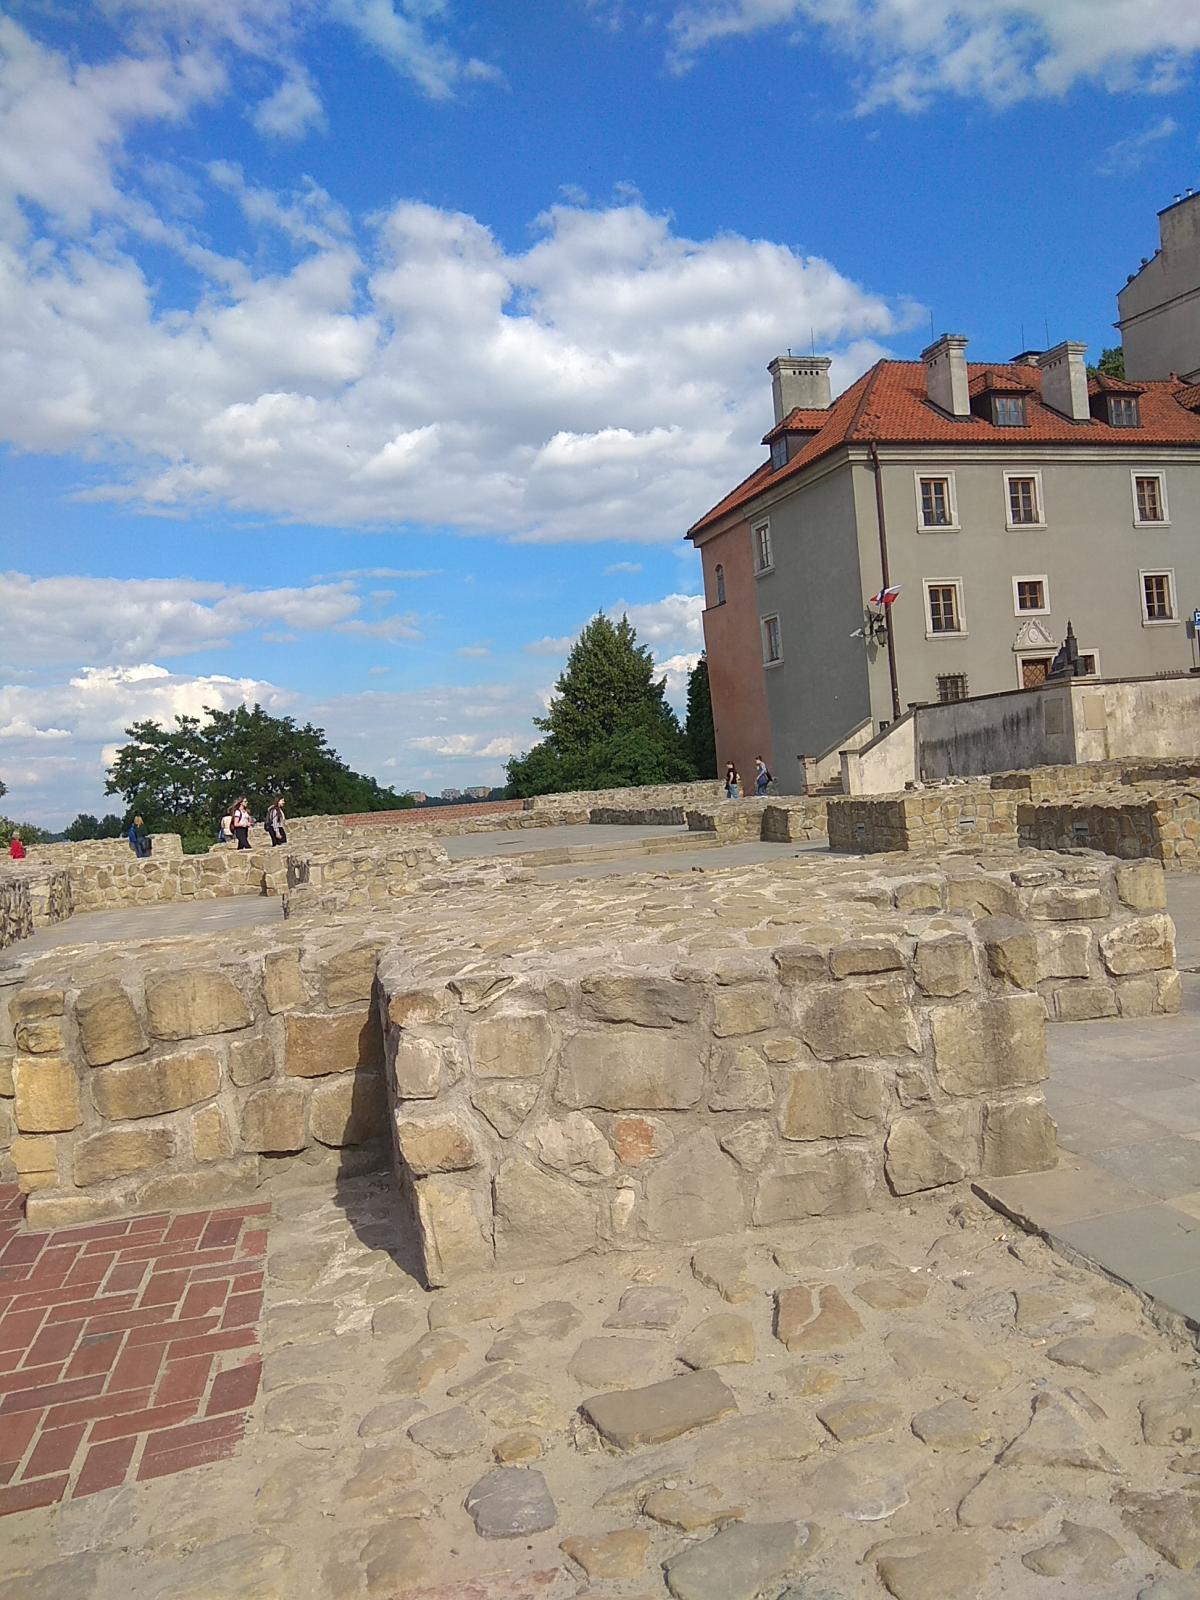 Фундамент костела Святого Архангела Михаила / фото Варвара Вайс